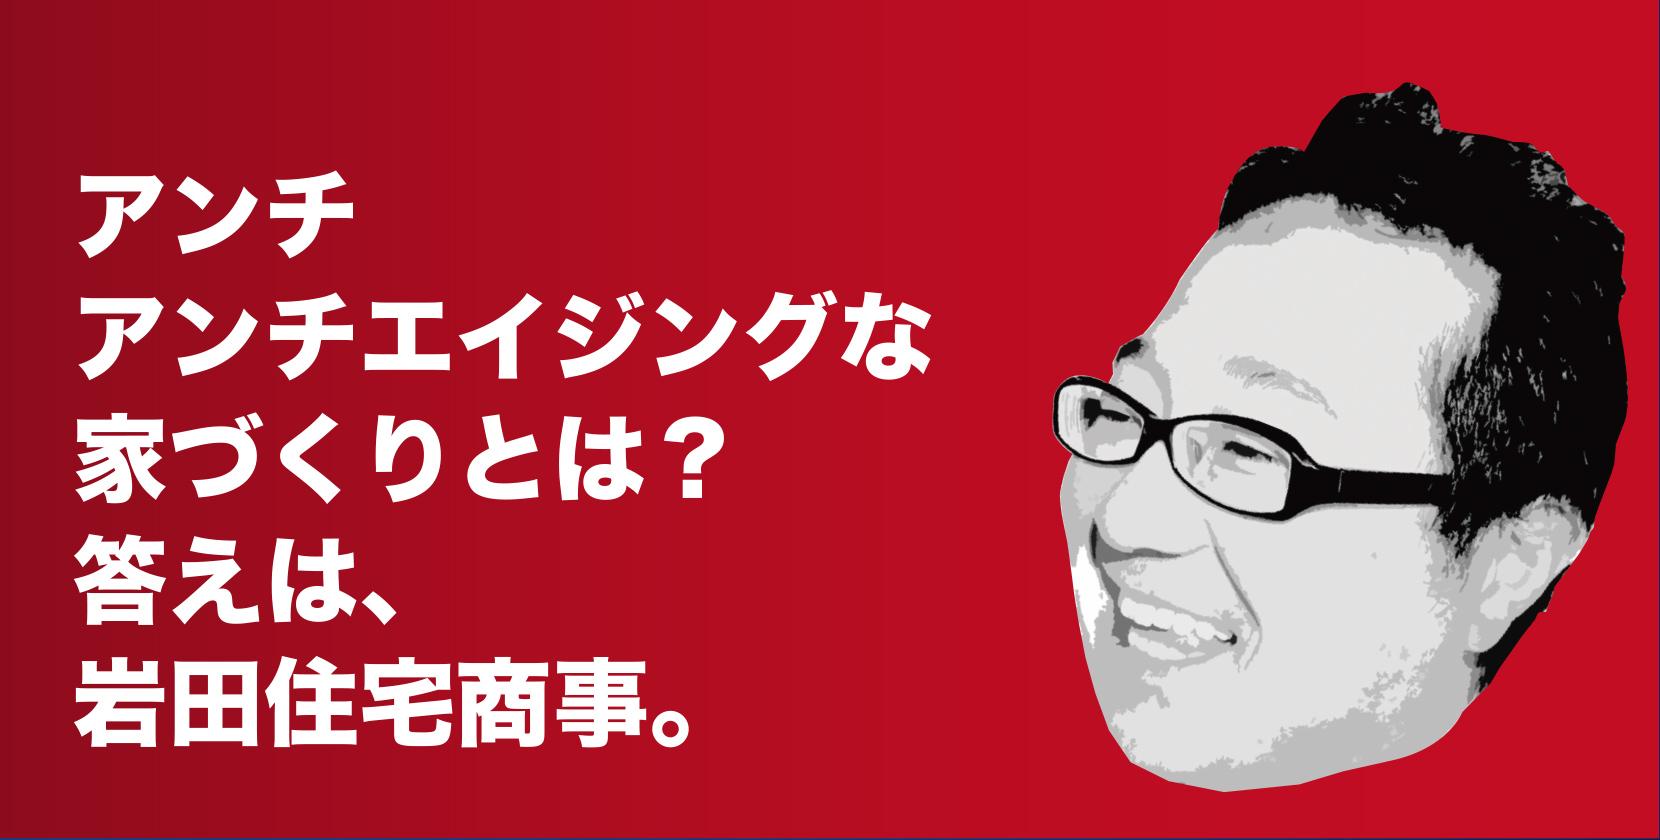 アンチアンチエイジングな家づくりとは?答えは、岩田住宅商事。